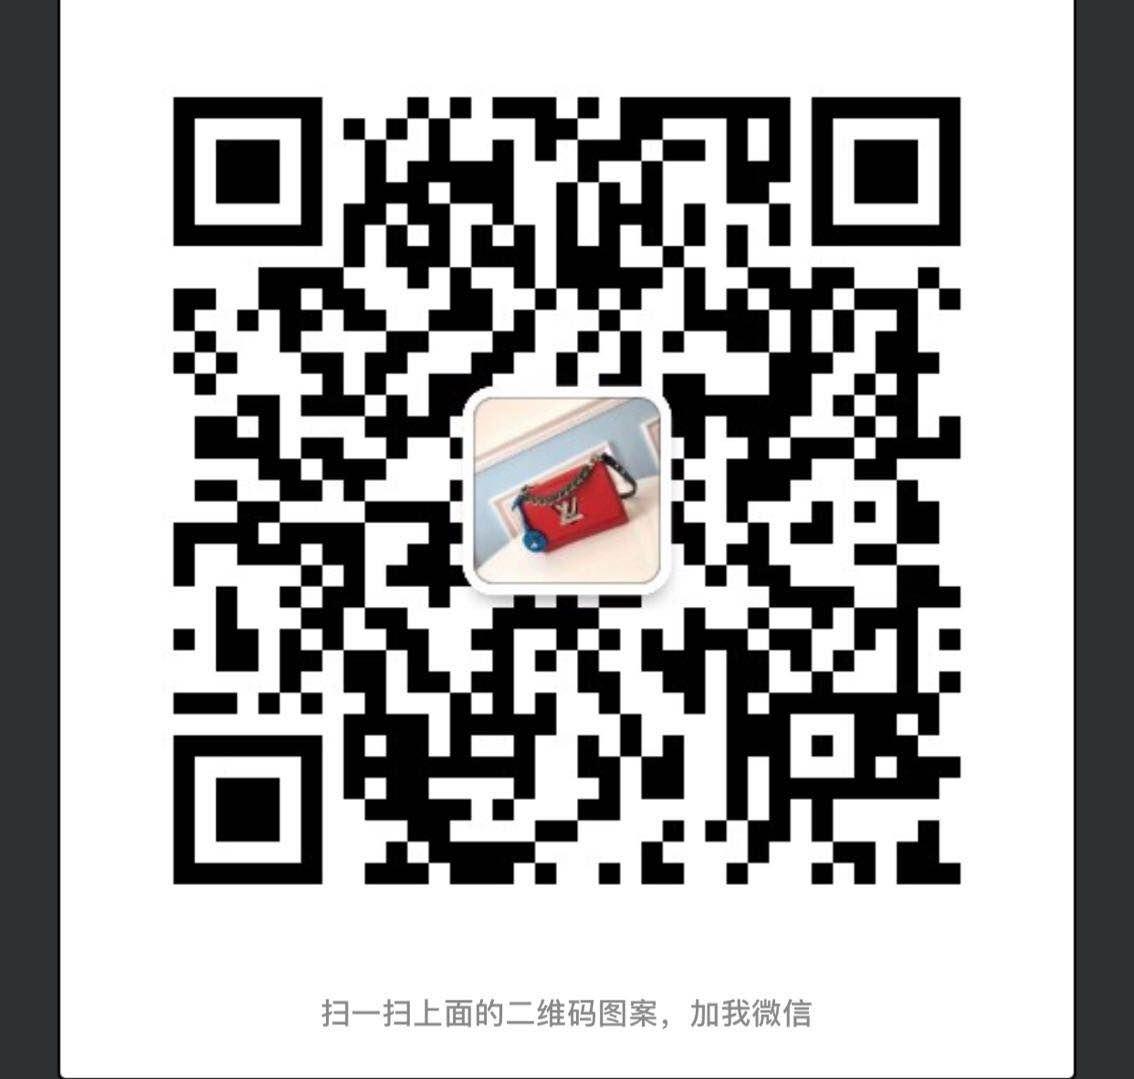 广州润鑫公司直销各大品牌奢侈品支持货到付款支持零售和批发